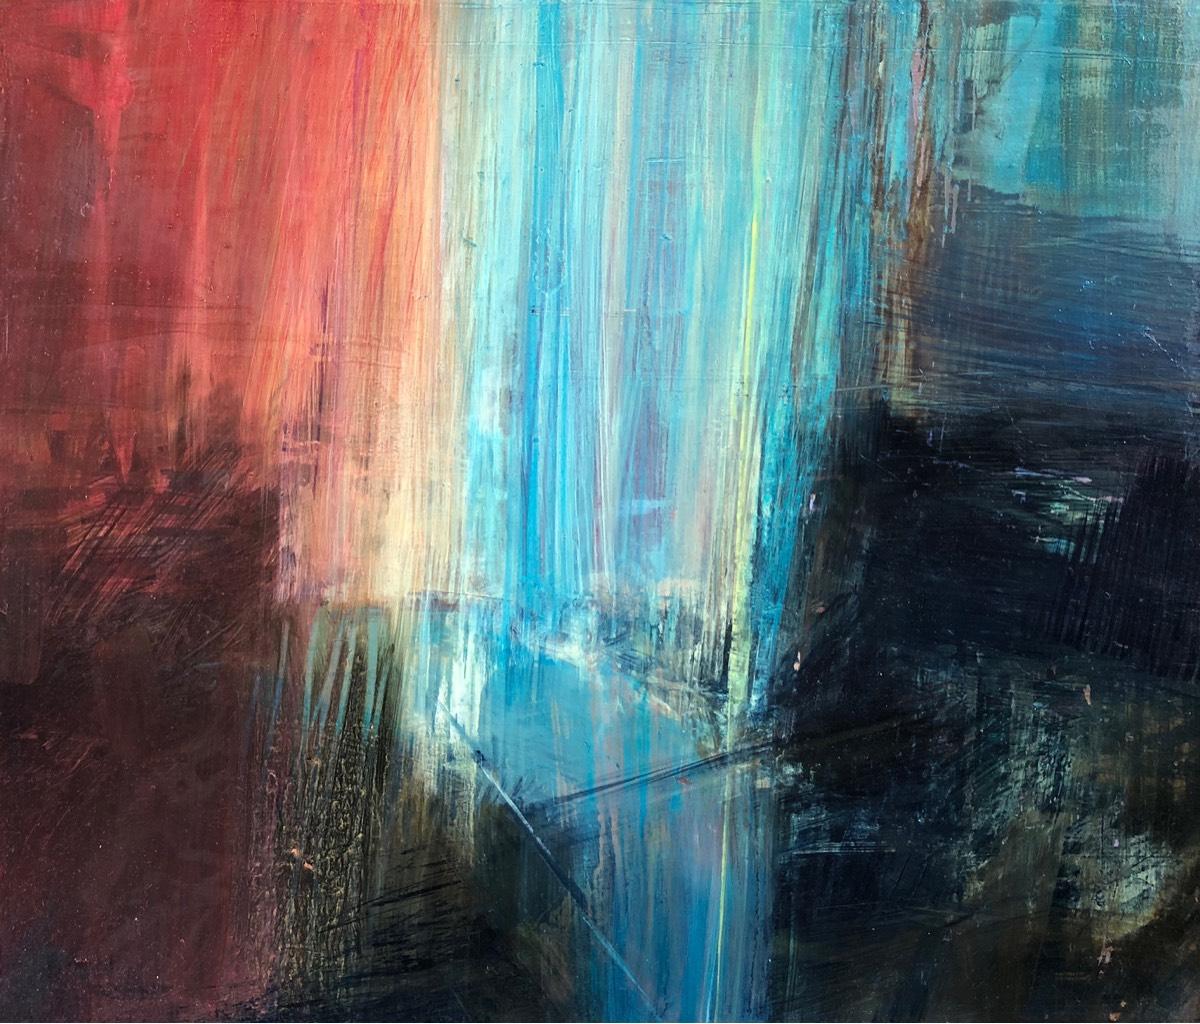 Transcendence 2019 , oil on panel, 30 x 35cm